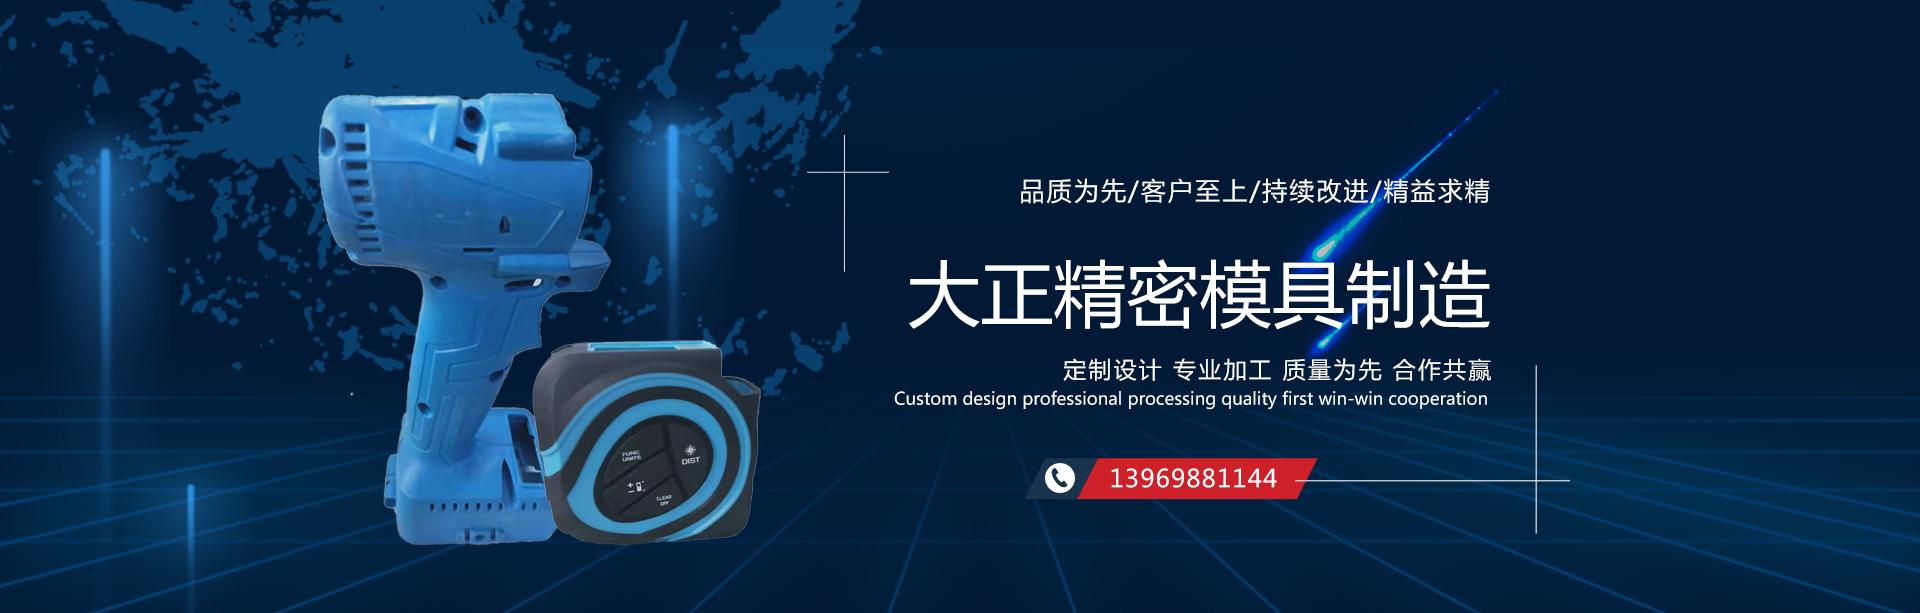 商丘雷竞技官方网站定制